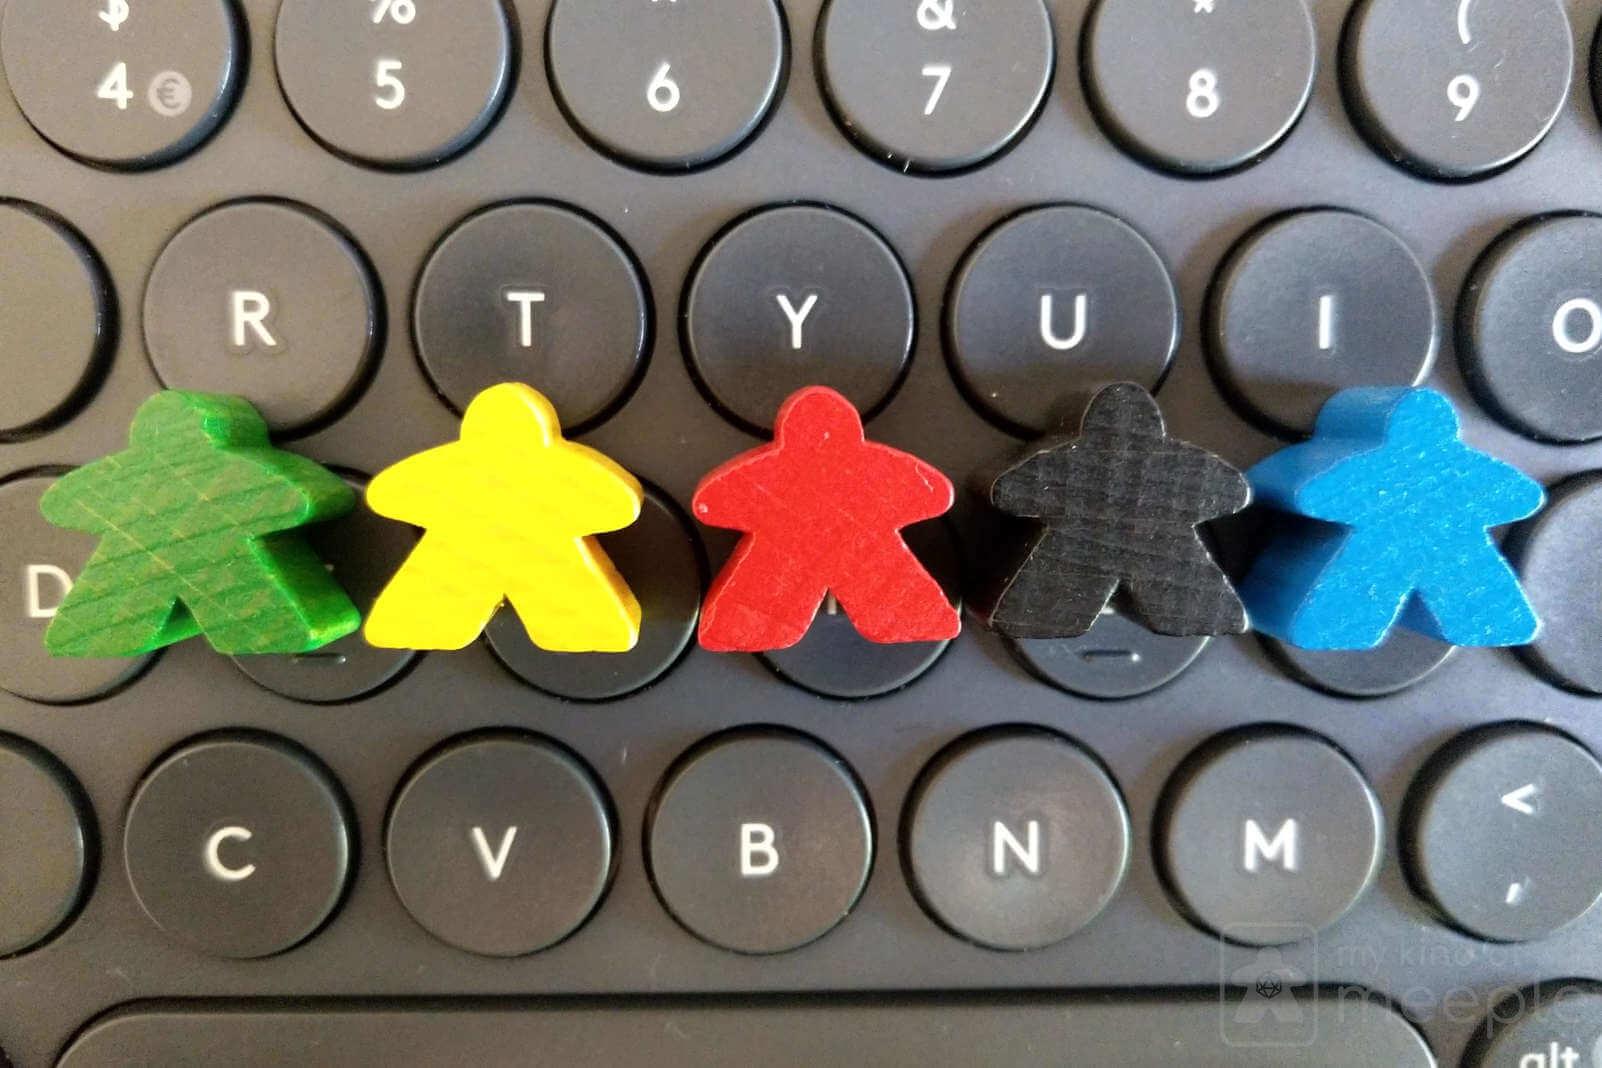 meeples on keyboard